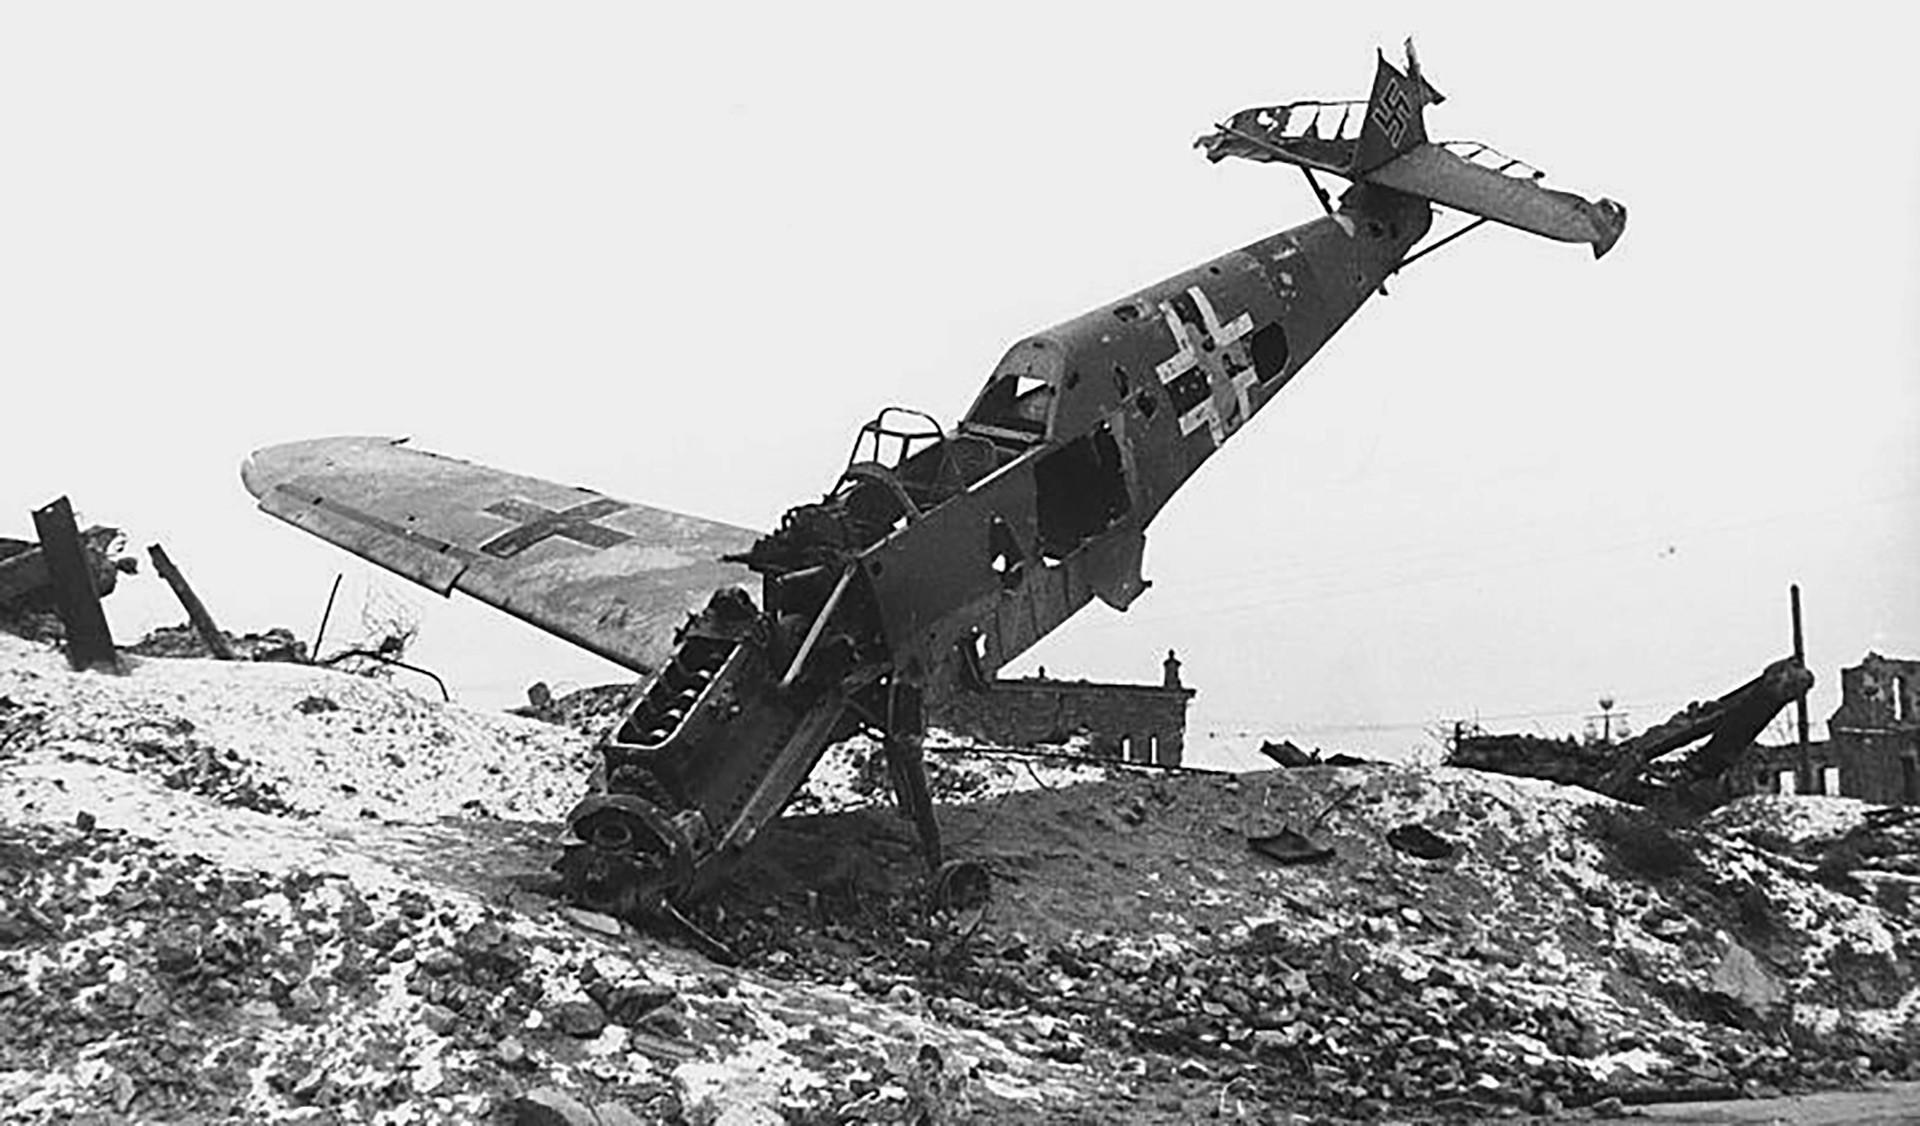 Немци су у совјетској контраофанзиви имали велике губитке у људству и техници.